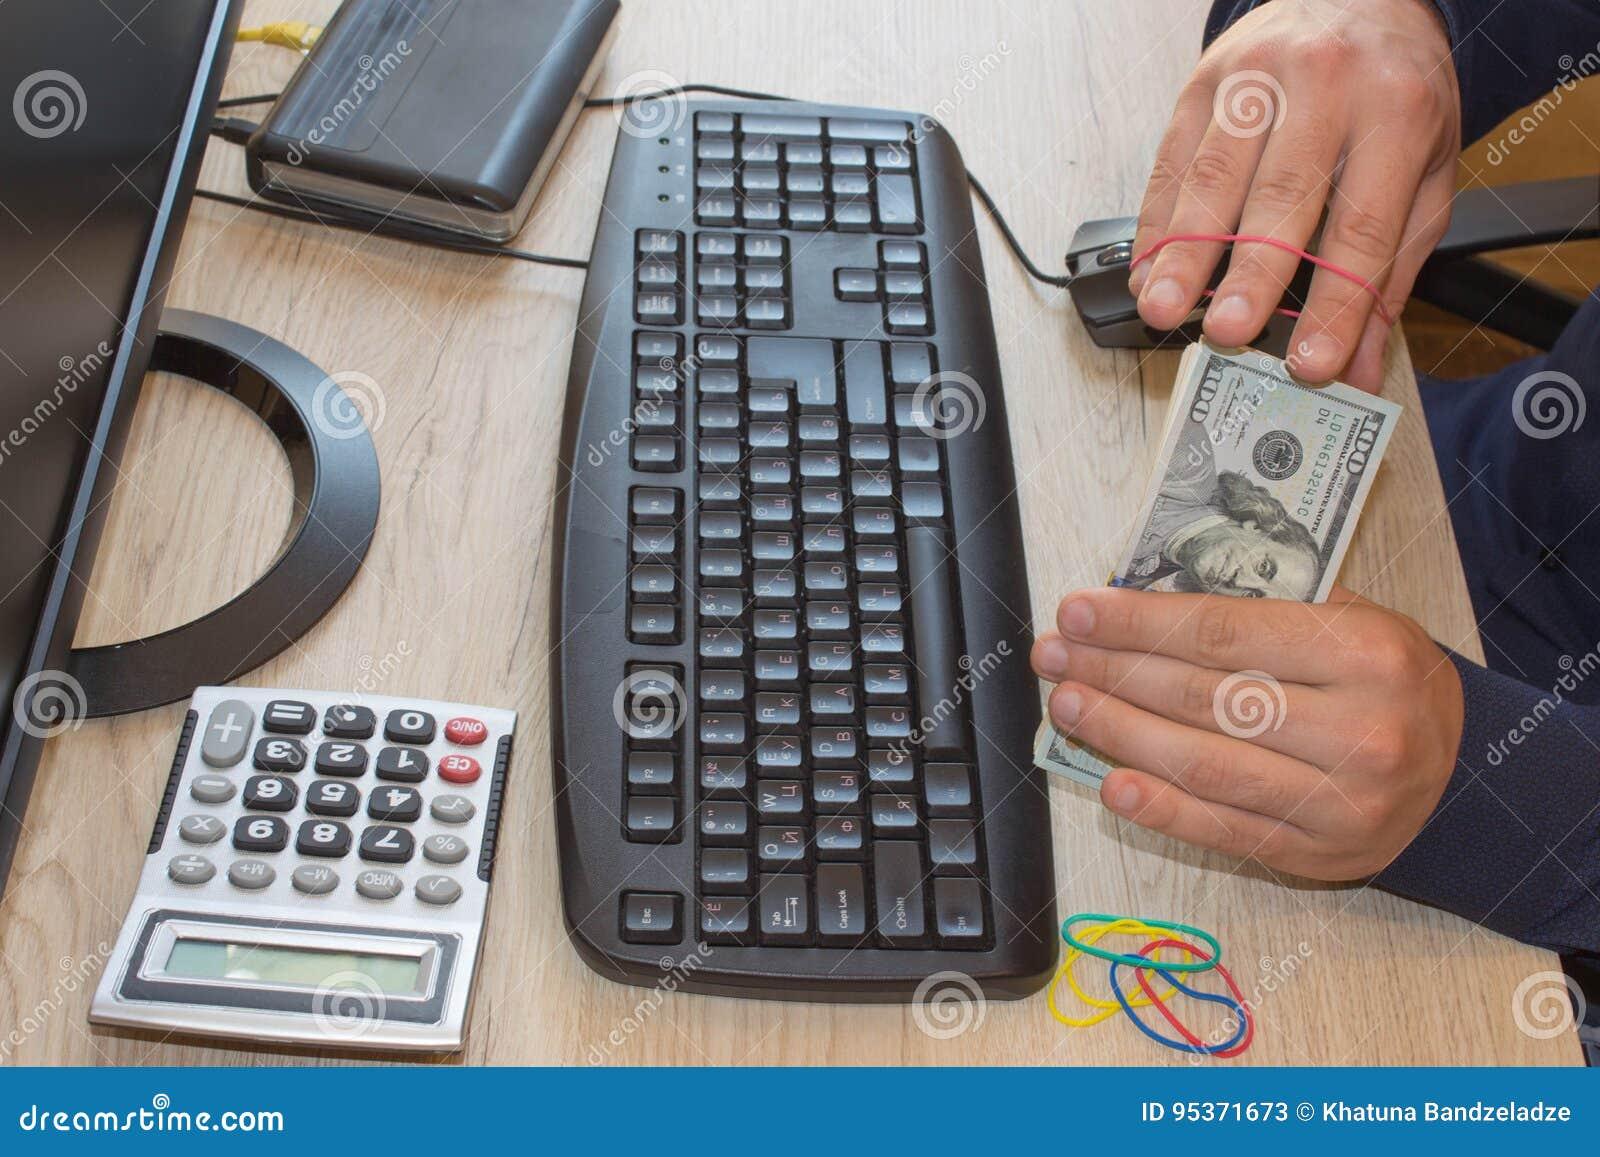 Make money earn cash app. Make money easy online